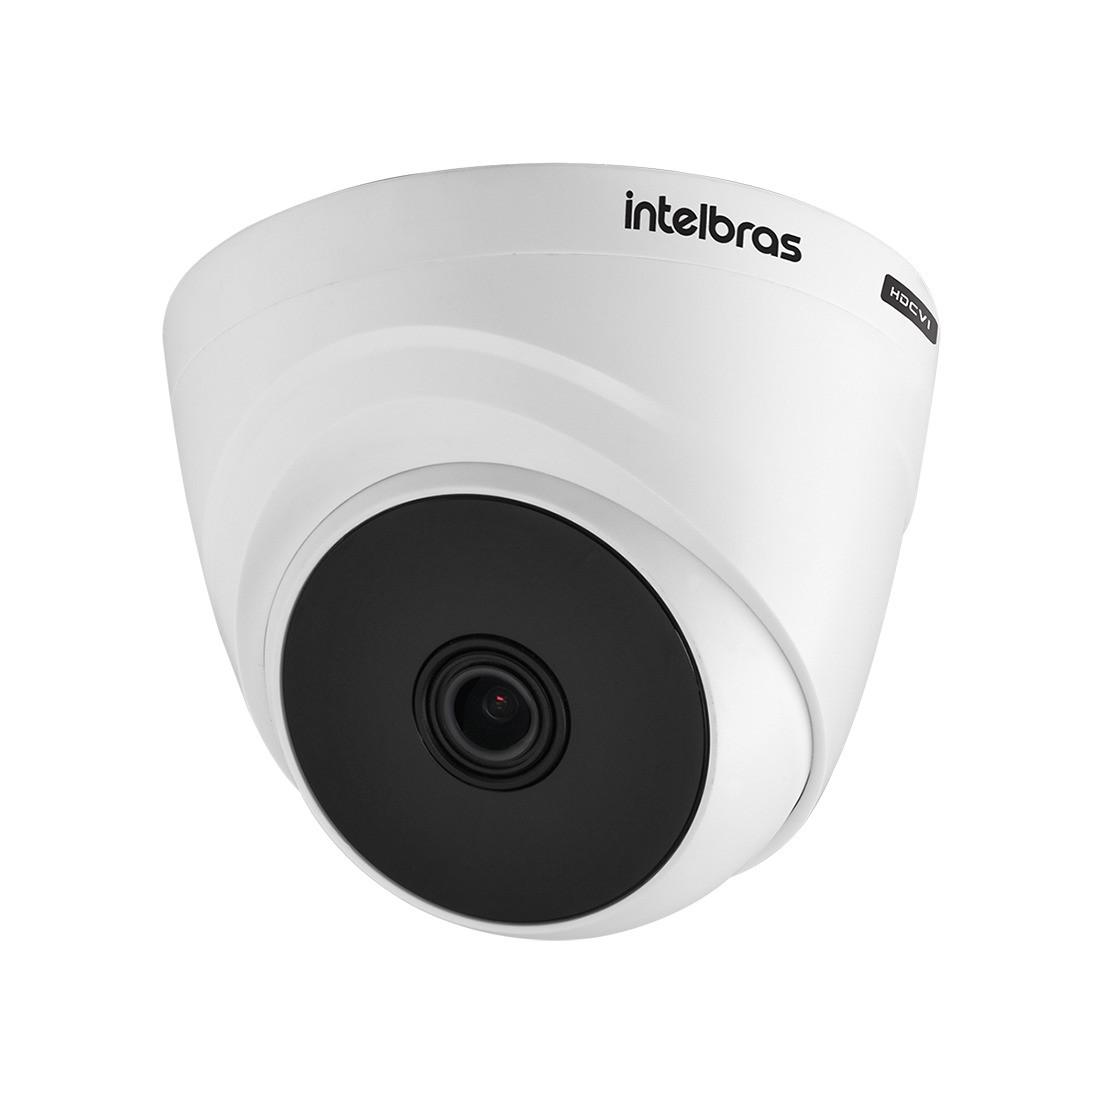 Kit 4 Câmeras de Segurança Dome Intelbras HD VHL 1120 D